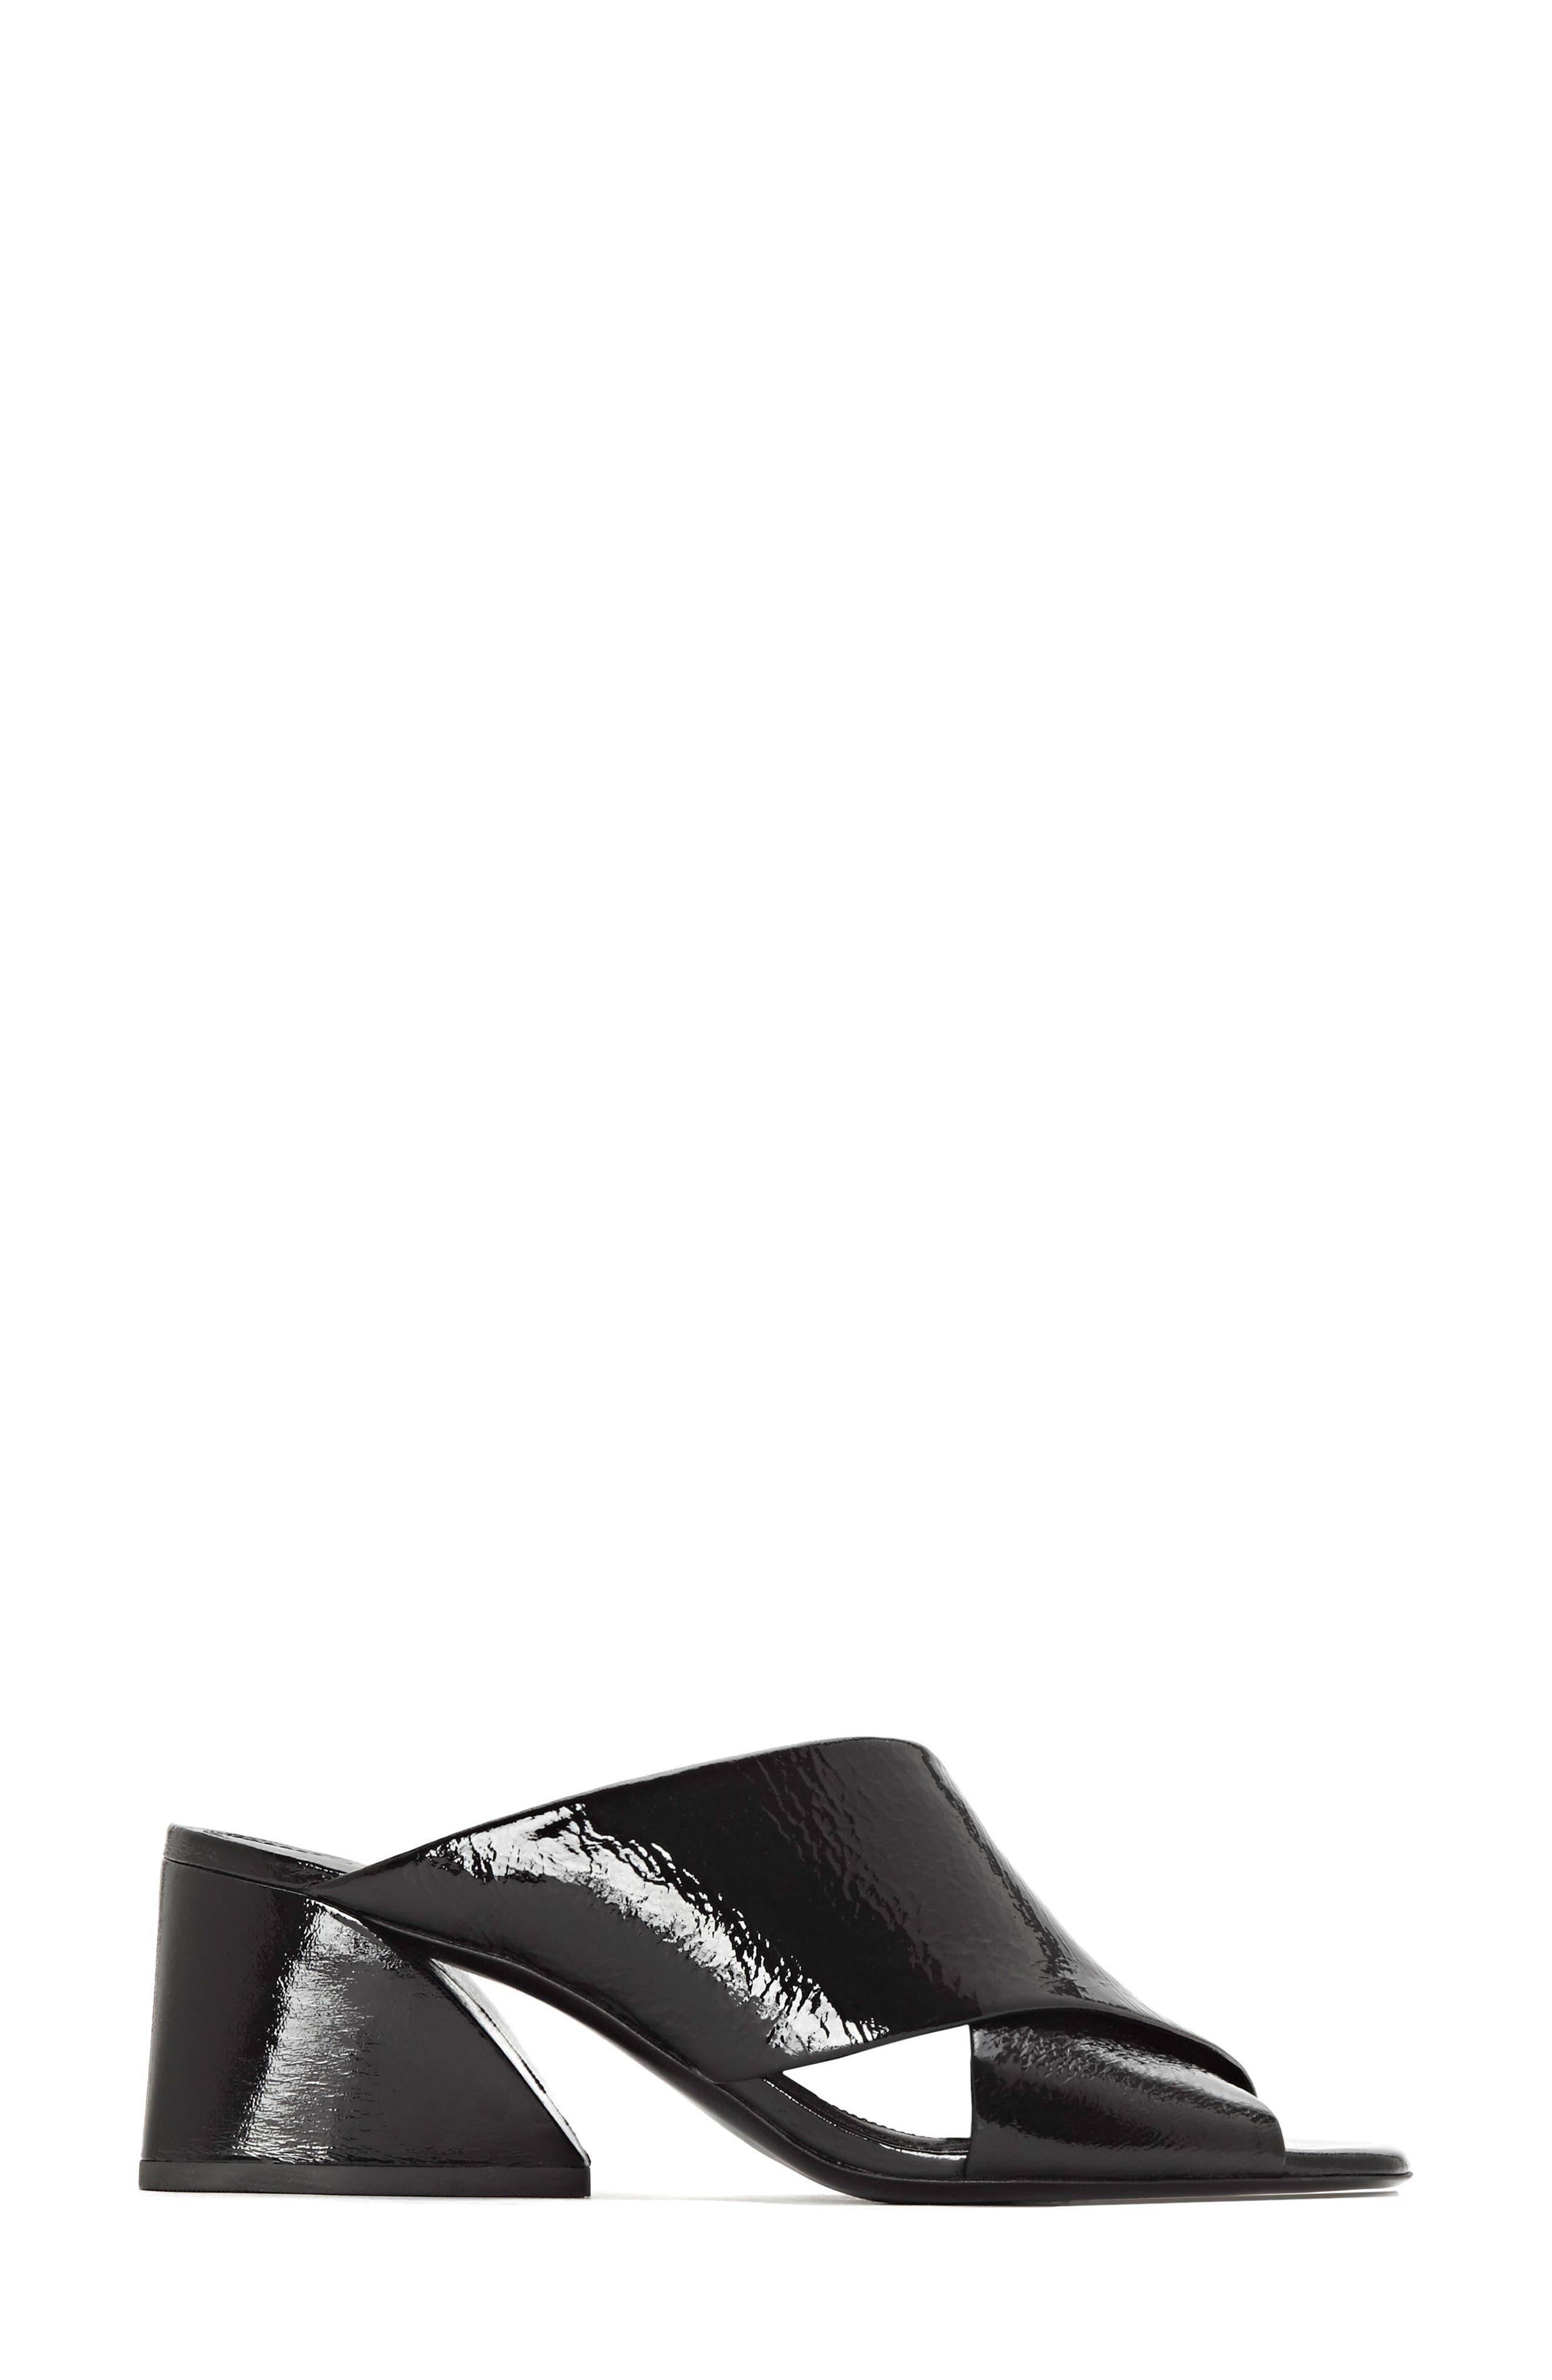 Lenilow Cross Strap Sandal,                             Alternate thumbnail 3, color,                             001